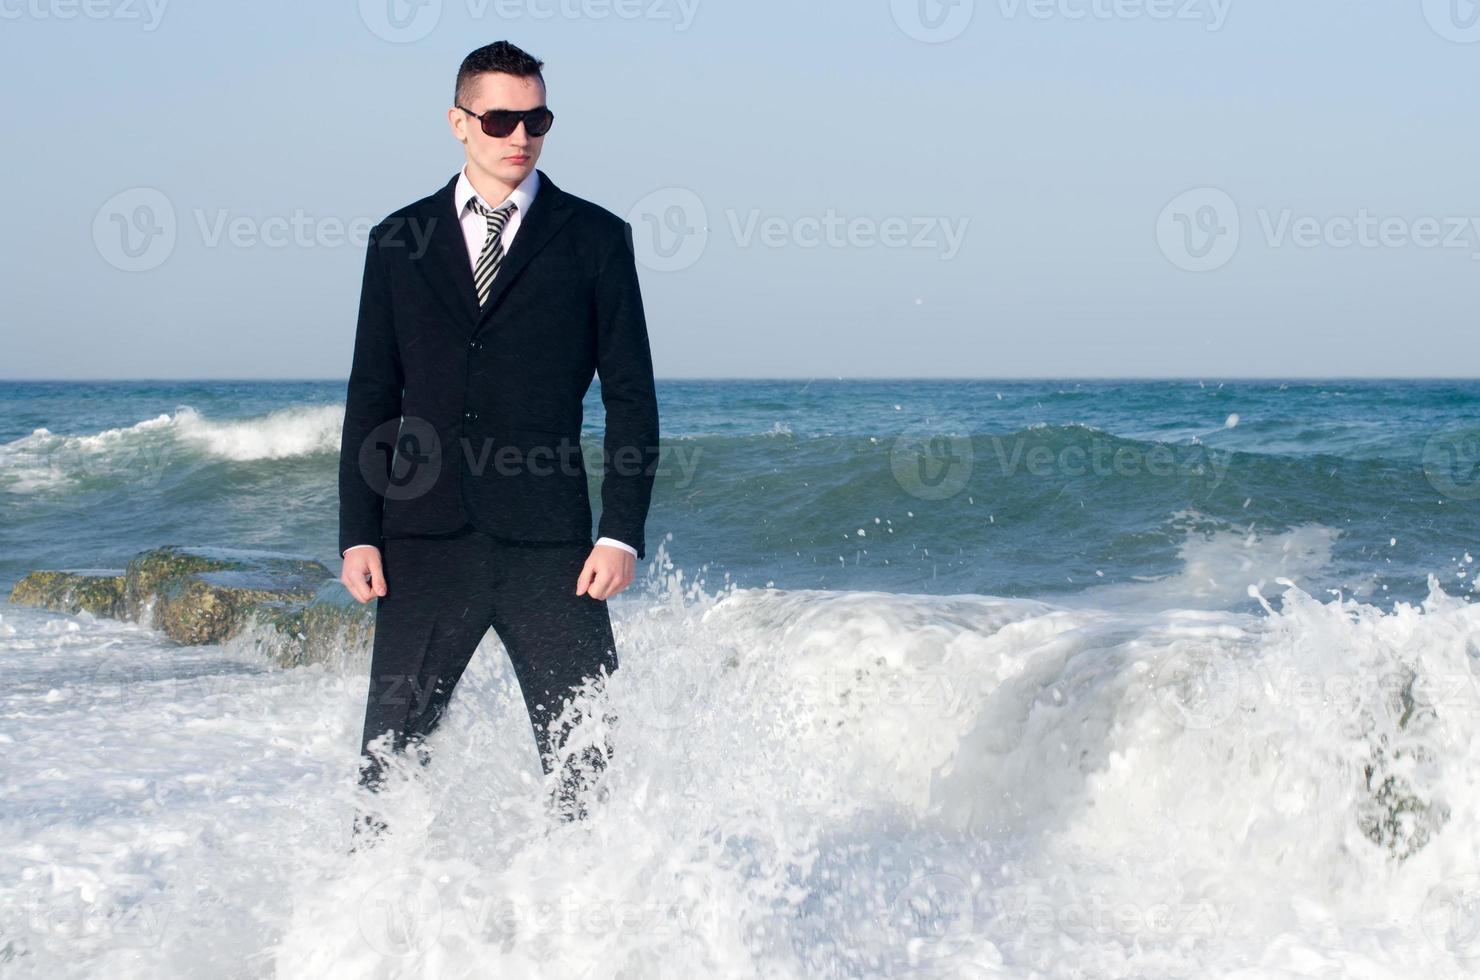 giovane imprenditore bello godendo il suo tempo su una spiaggia foto